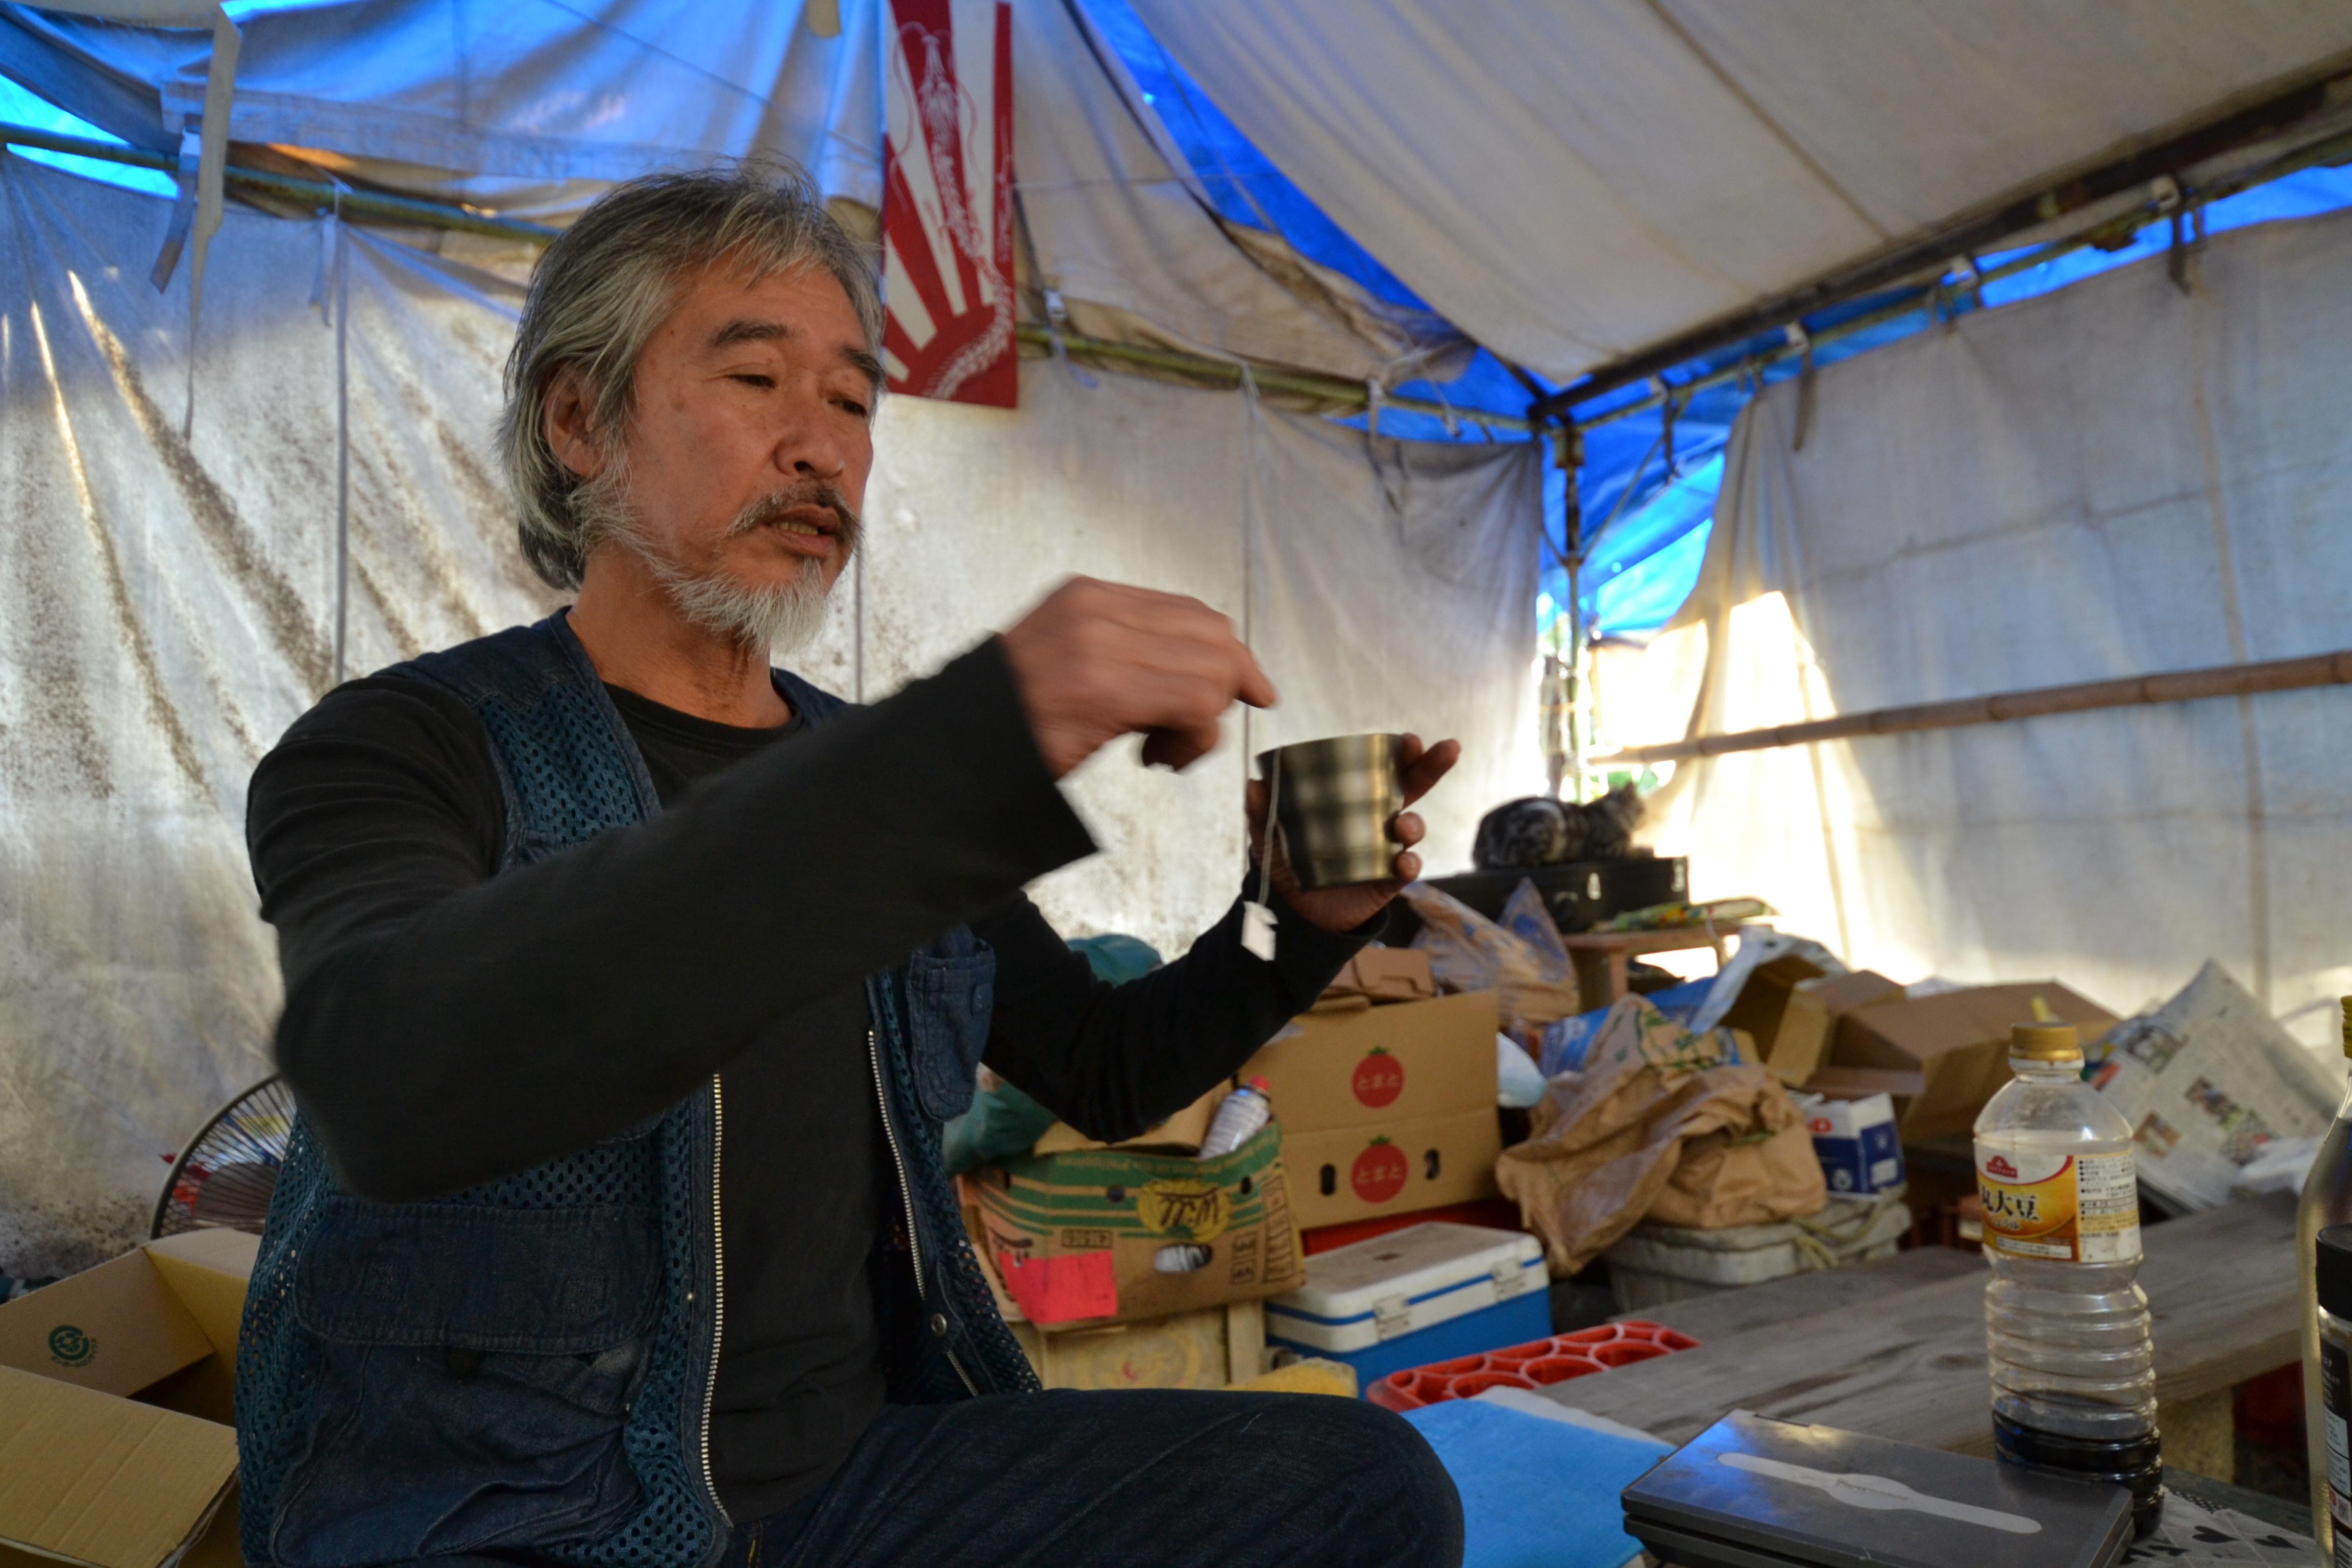 odaka kenji makes tea in tent.JPG